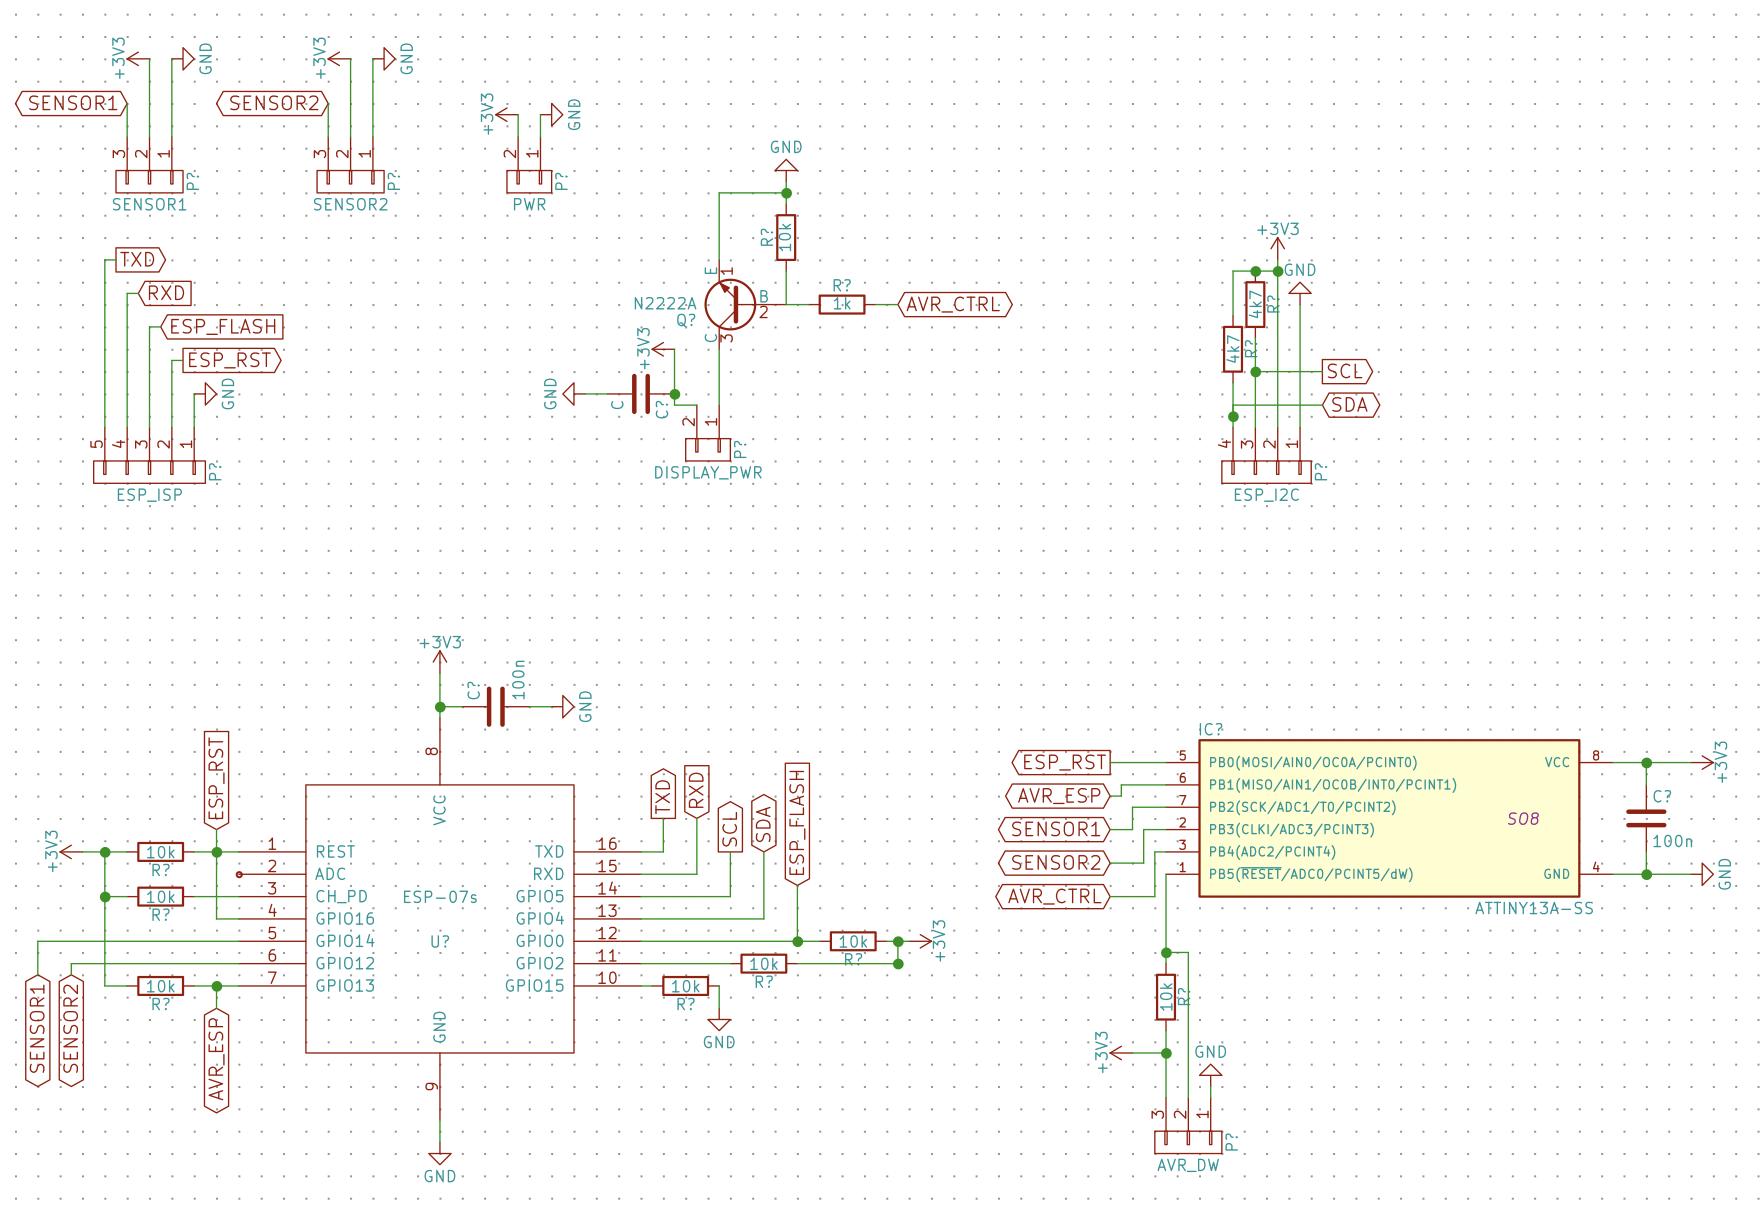 Ziemlich Grundlegende Elektronik Schaltplan Bilder - Die Besten ...